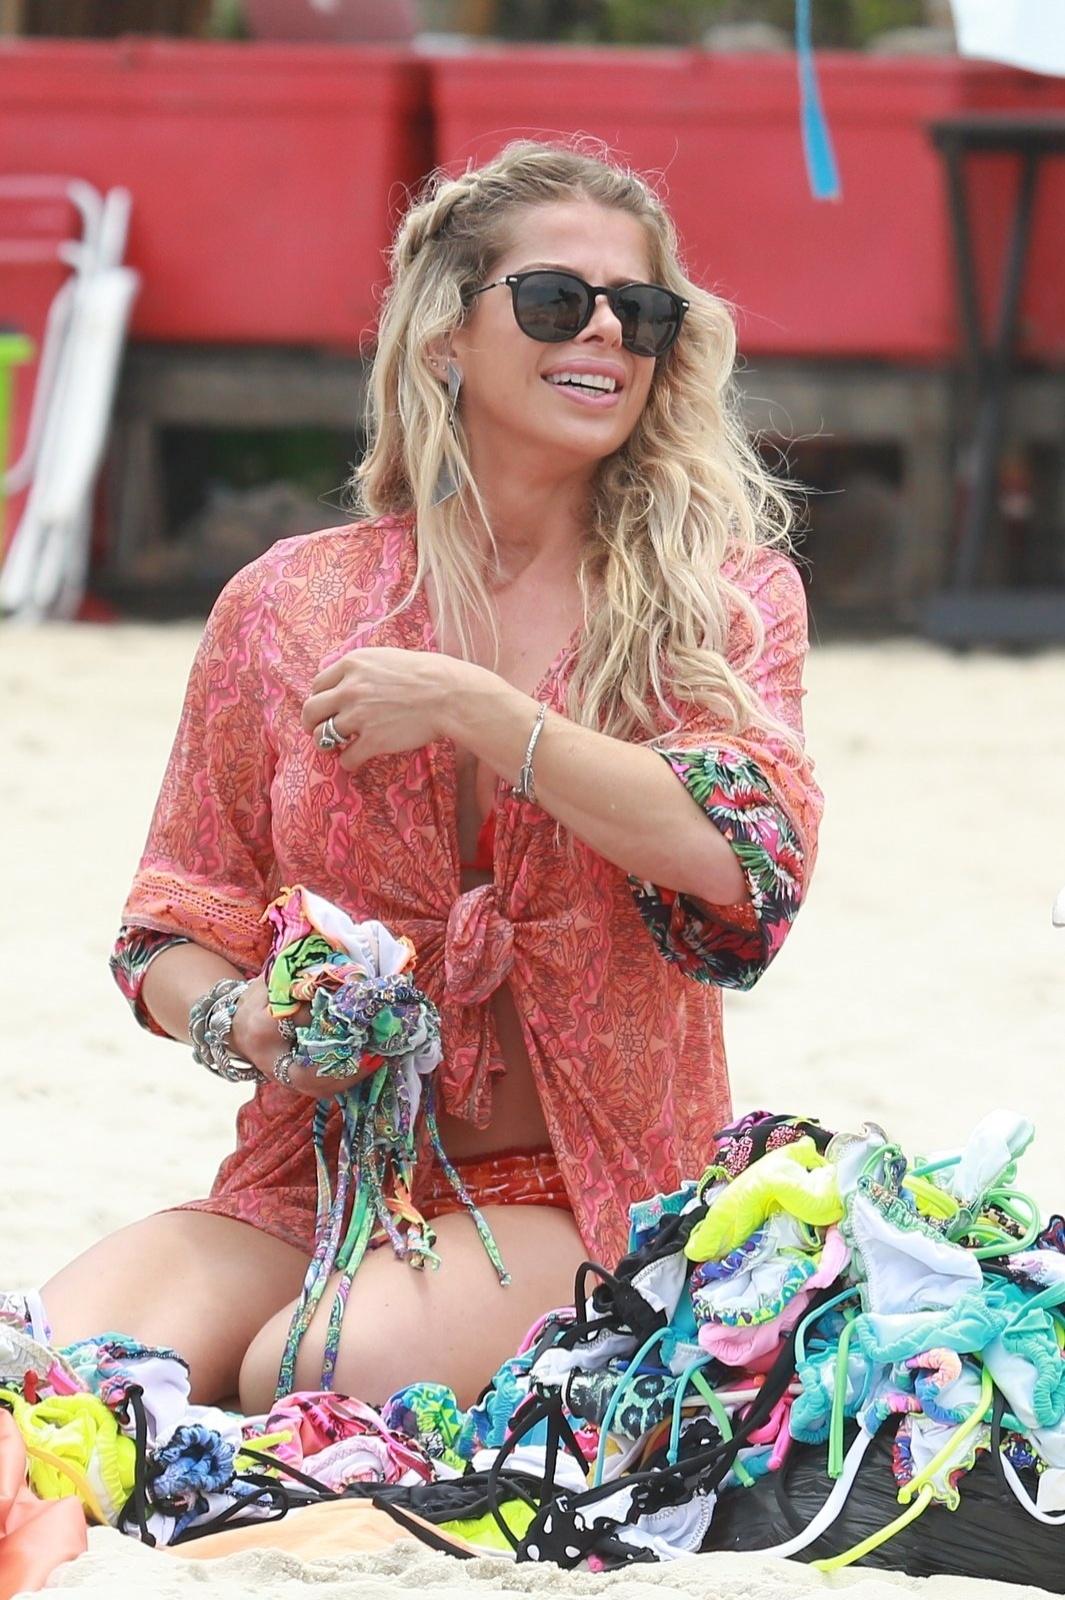 22.out.2015 - Karina Bacchi escolhe biquínis de vendedor ambulante na praia da Barra da Tijuca, no Rio de Janeiro. A gata foi à praia com uma amiga mas com o tempo fechado, ficaram pouco tempo